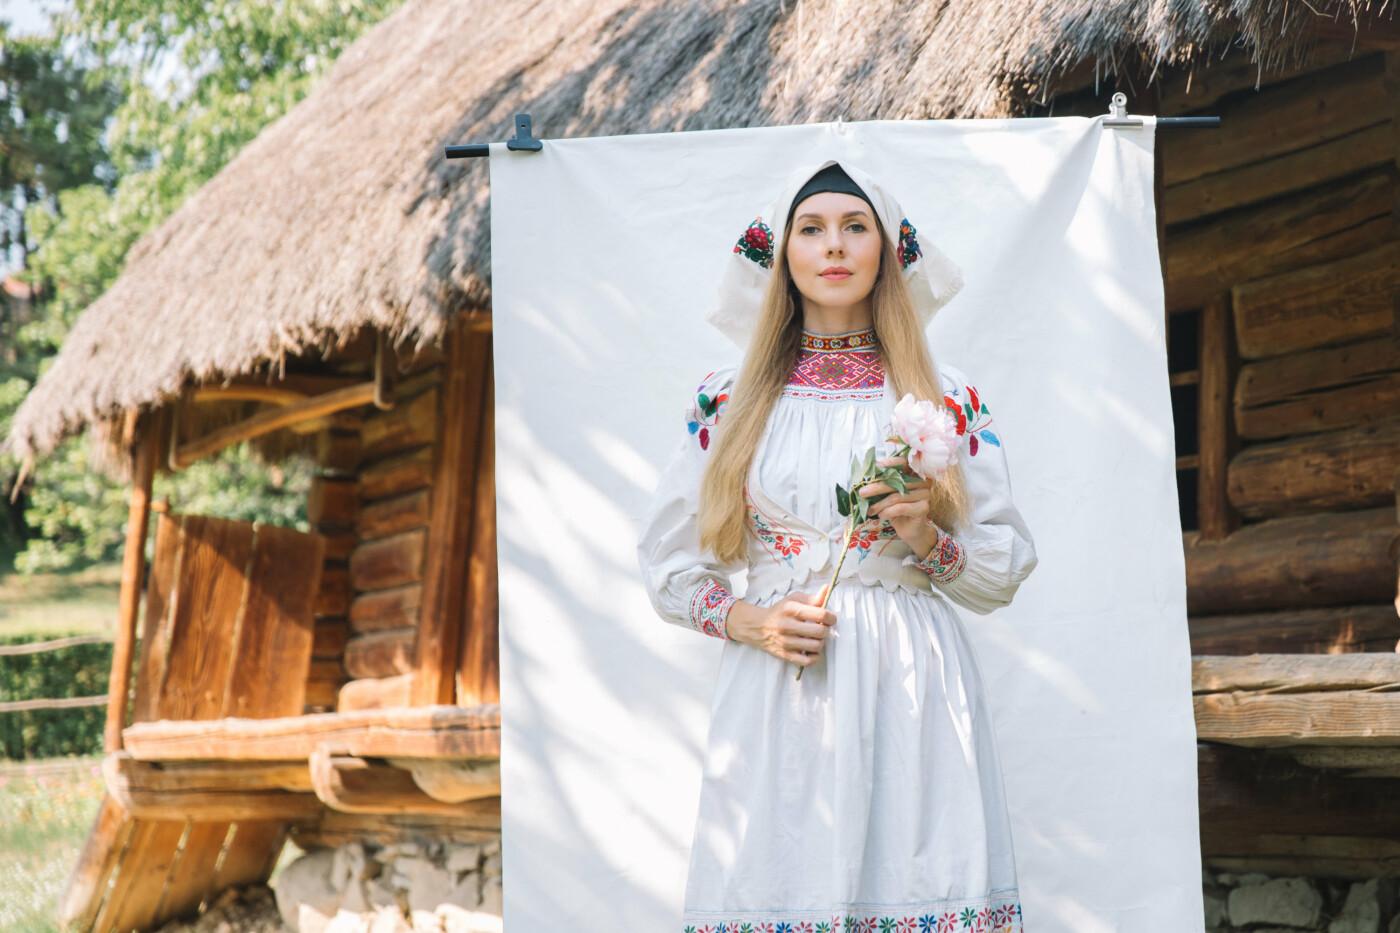 Історичне вбрання жінок Закарпаття презентували в сучасних образах (ФОТО, ВІДЕО), фото-1